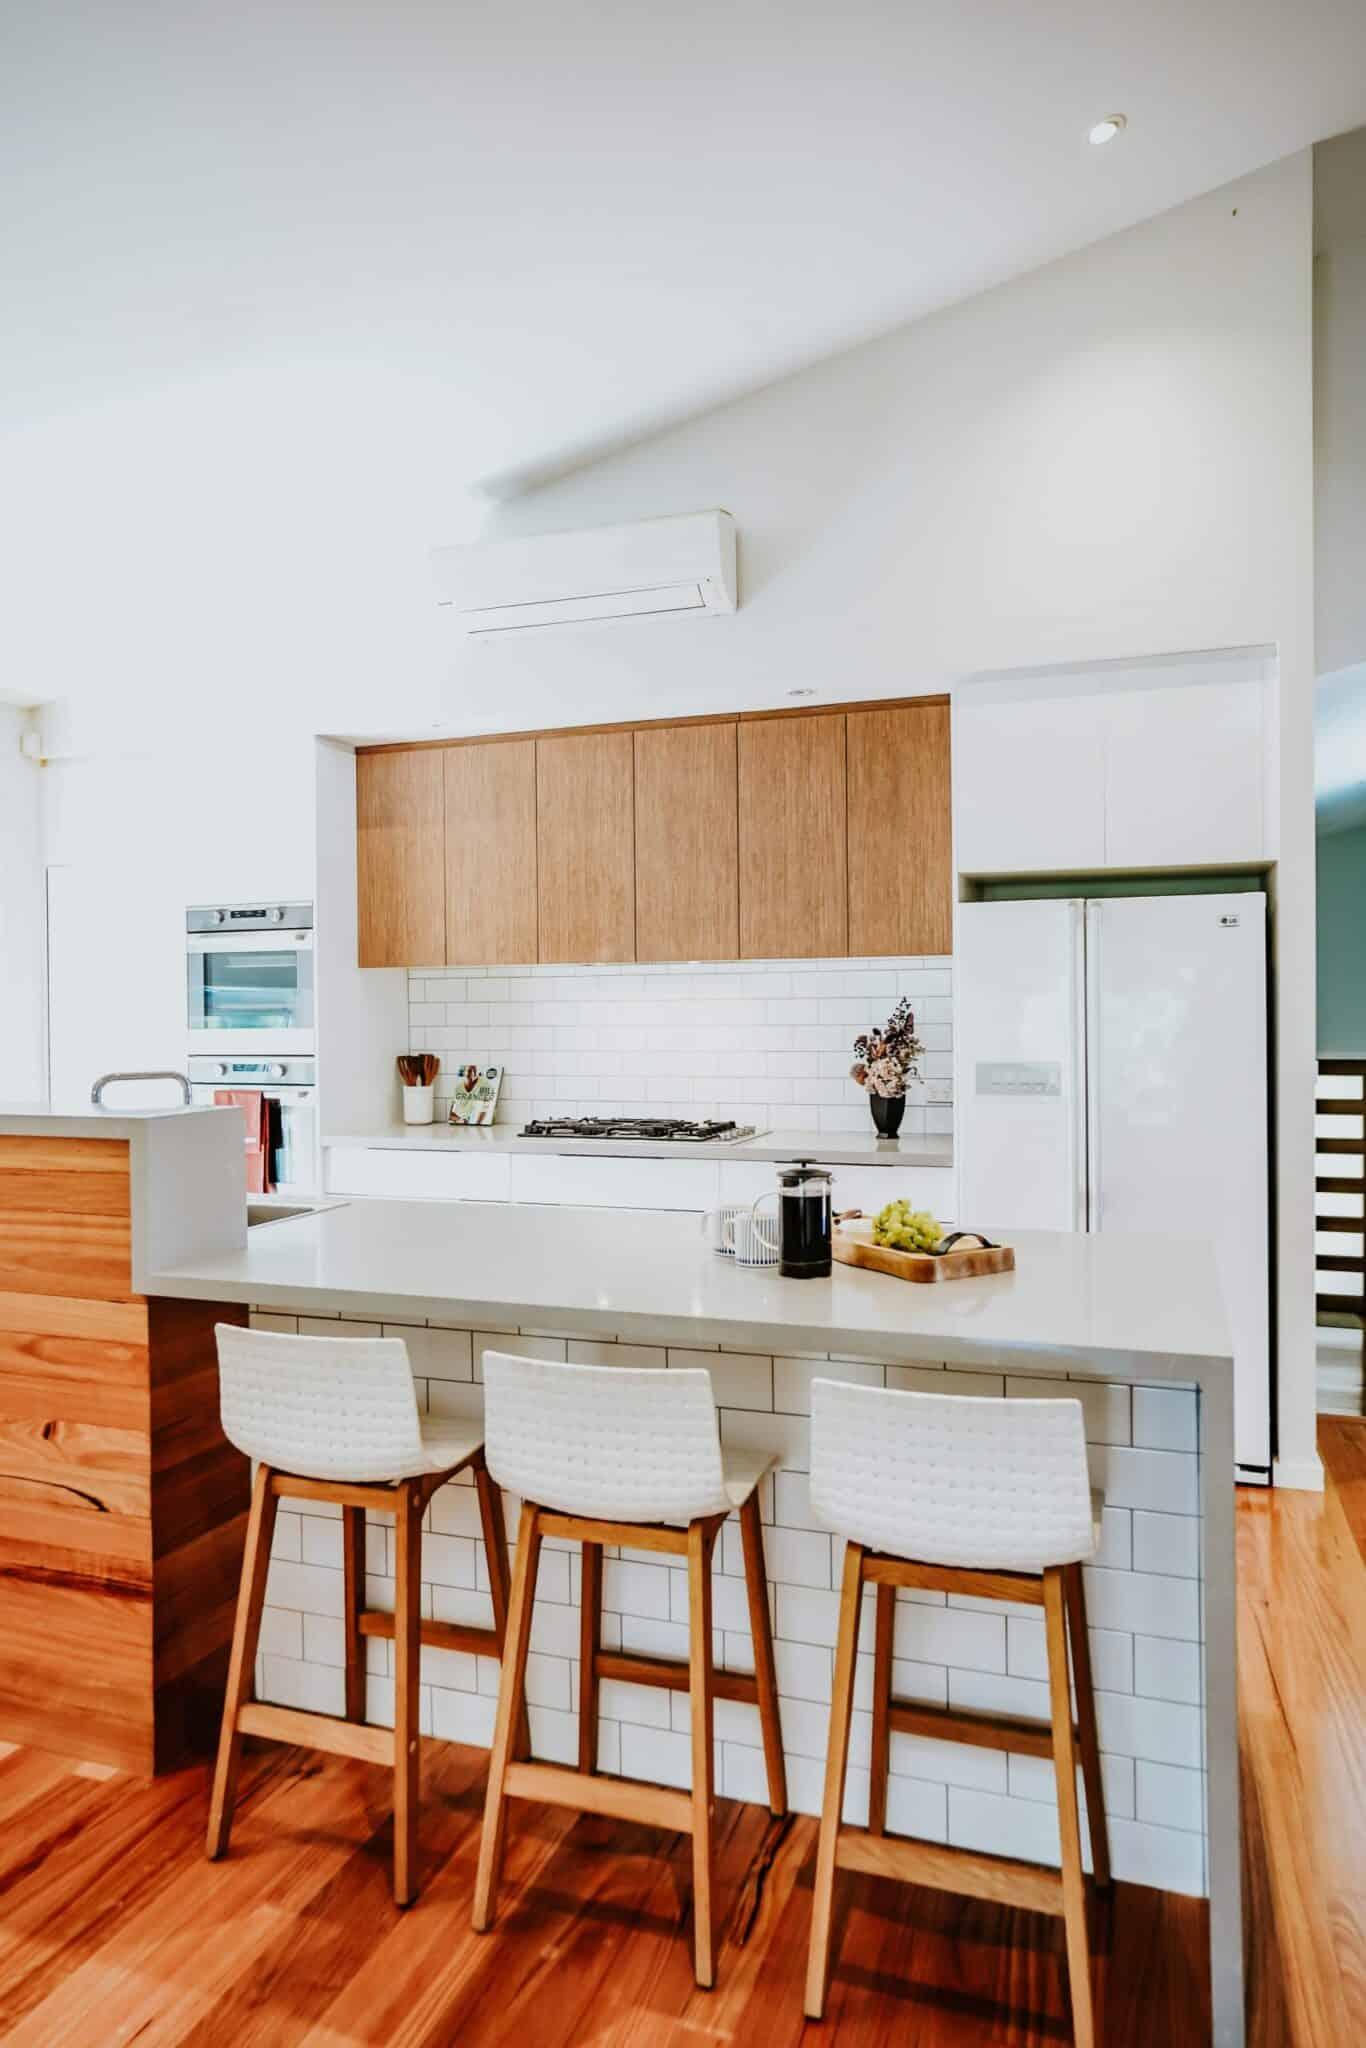 Locspec Building Oak Flats Renovation - kitchen